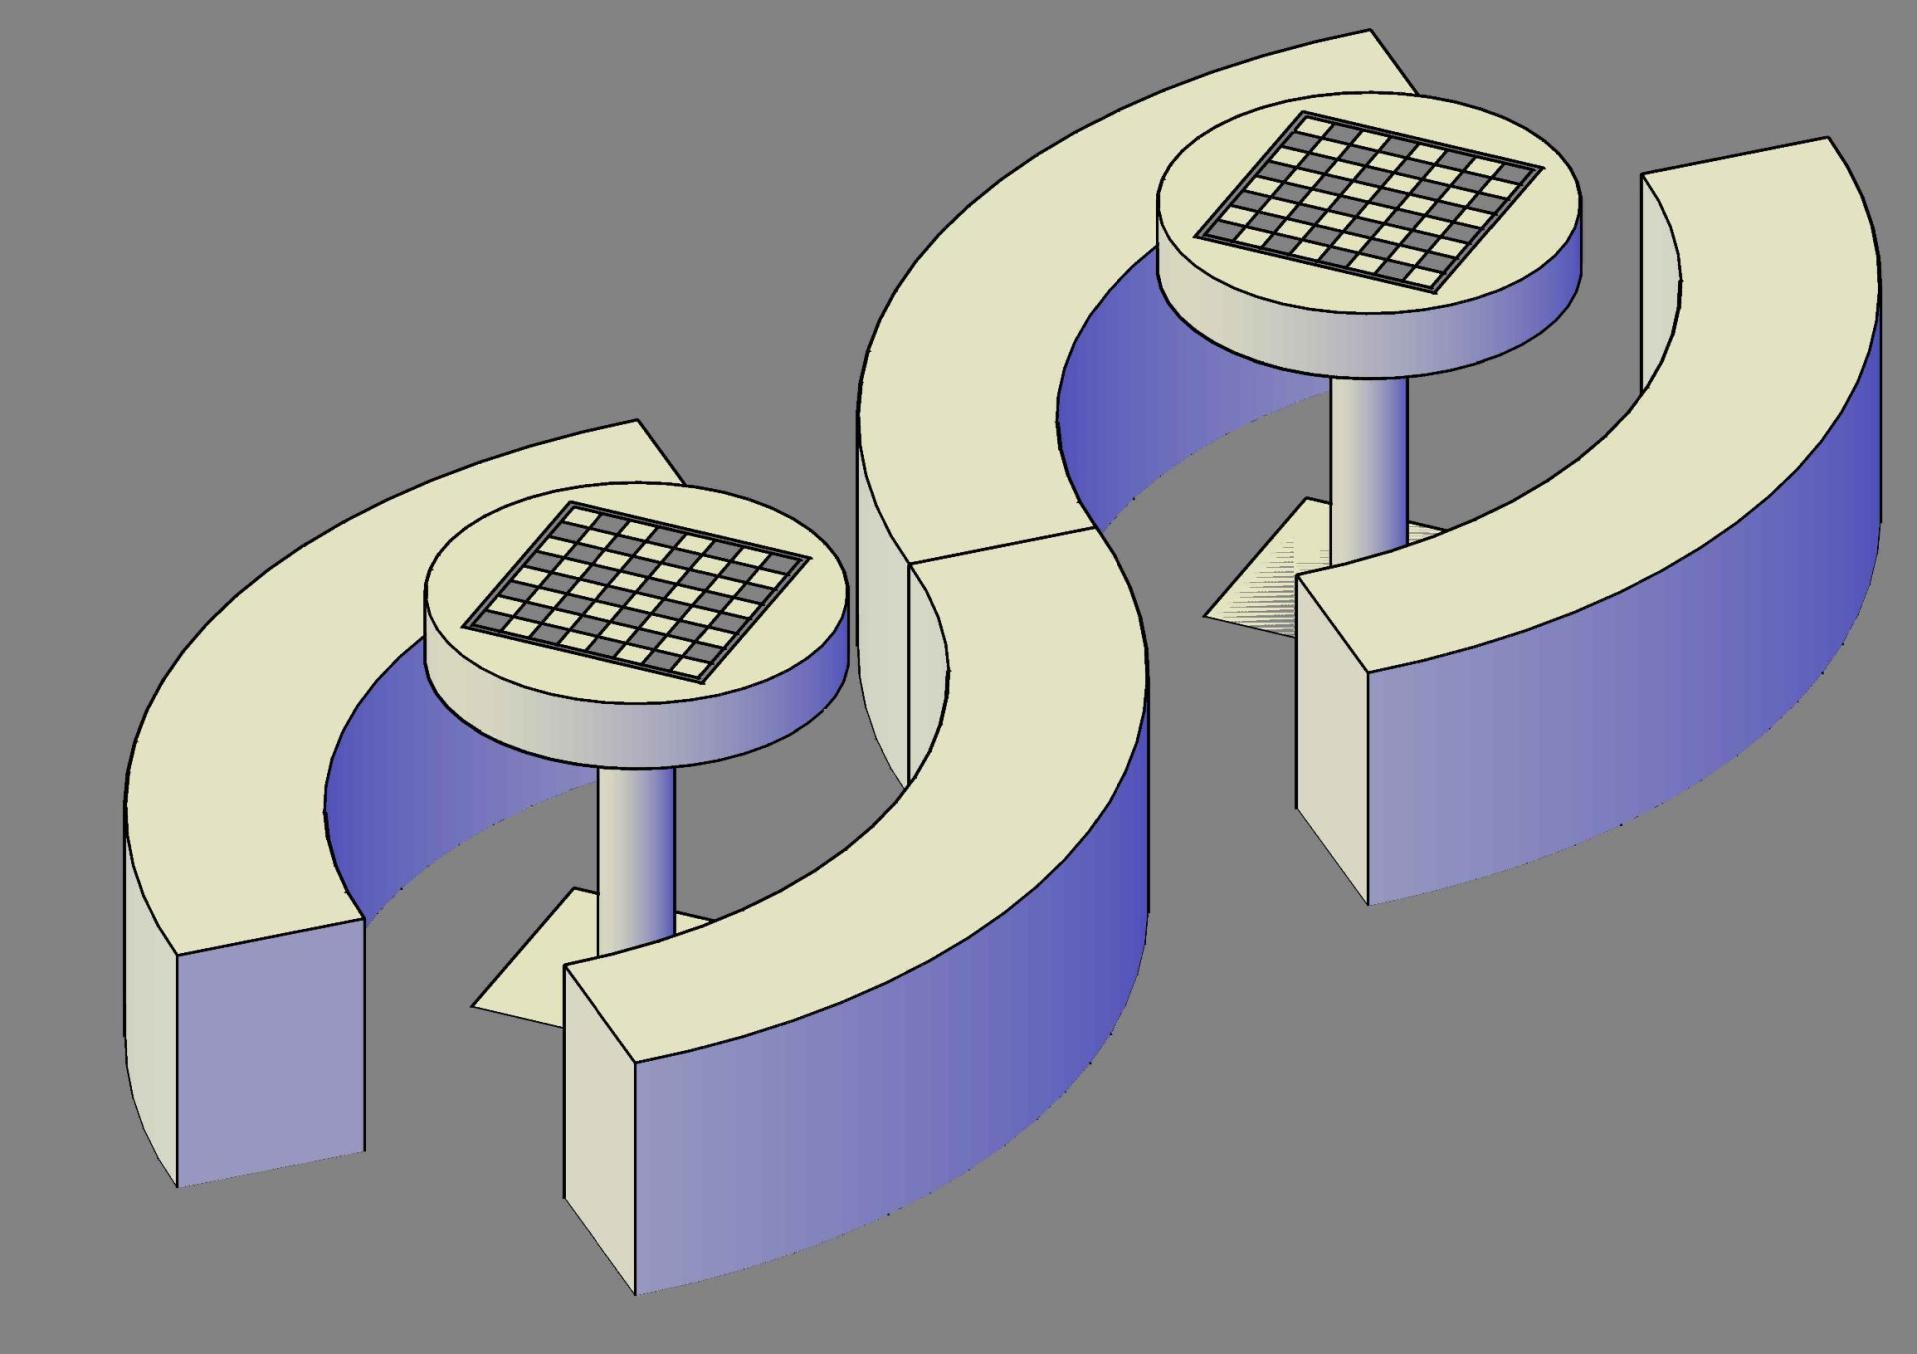 tables et bancs courbes 3D béton jeu echecs